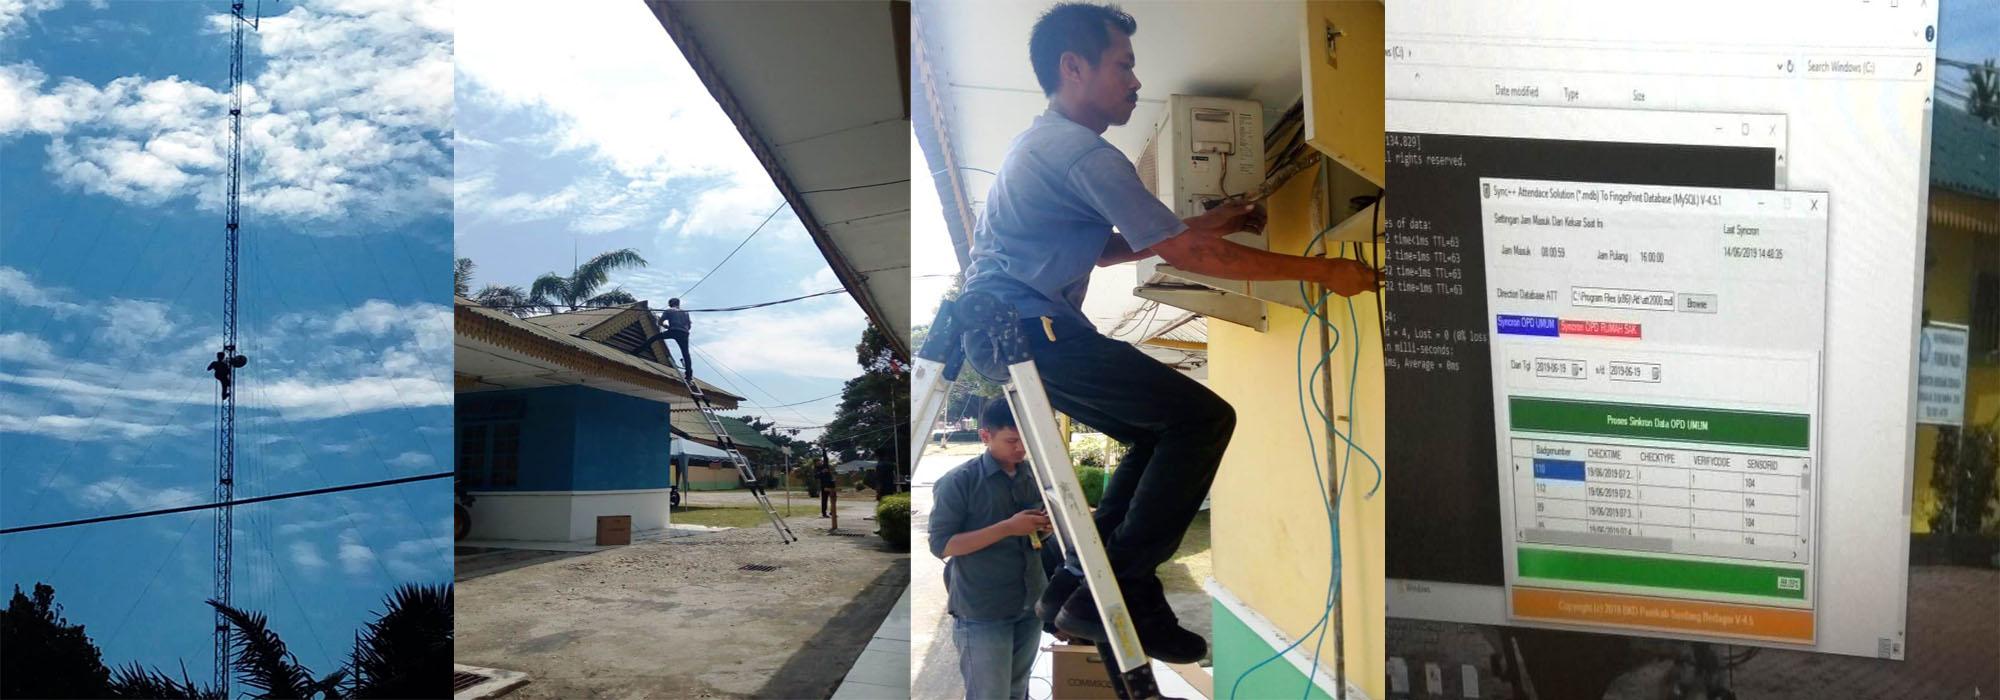 Perbaikan Radio Link di Dinas Perkim Sergai